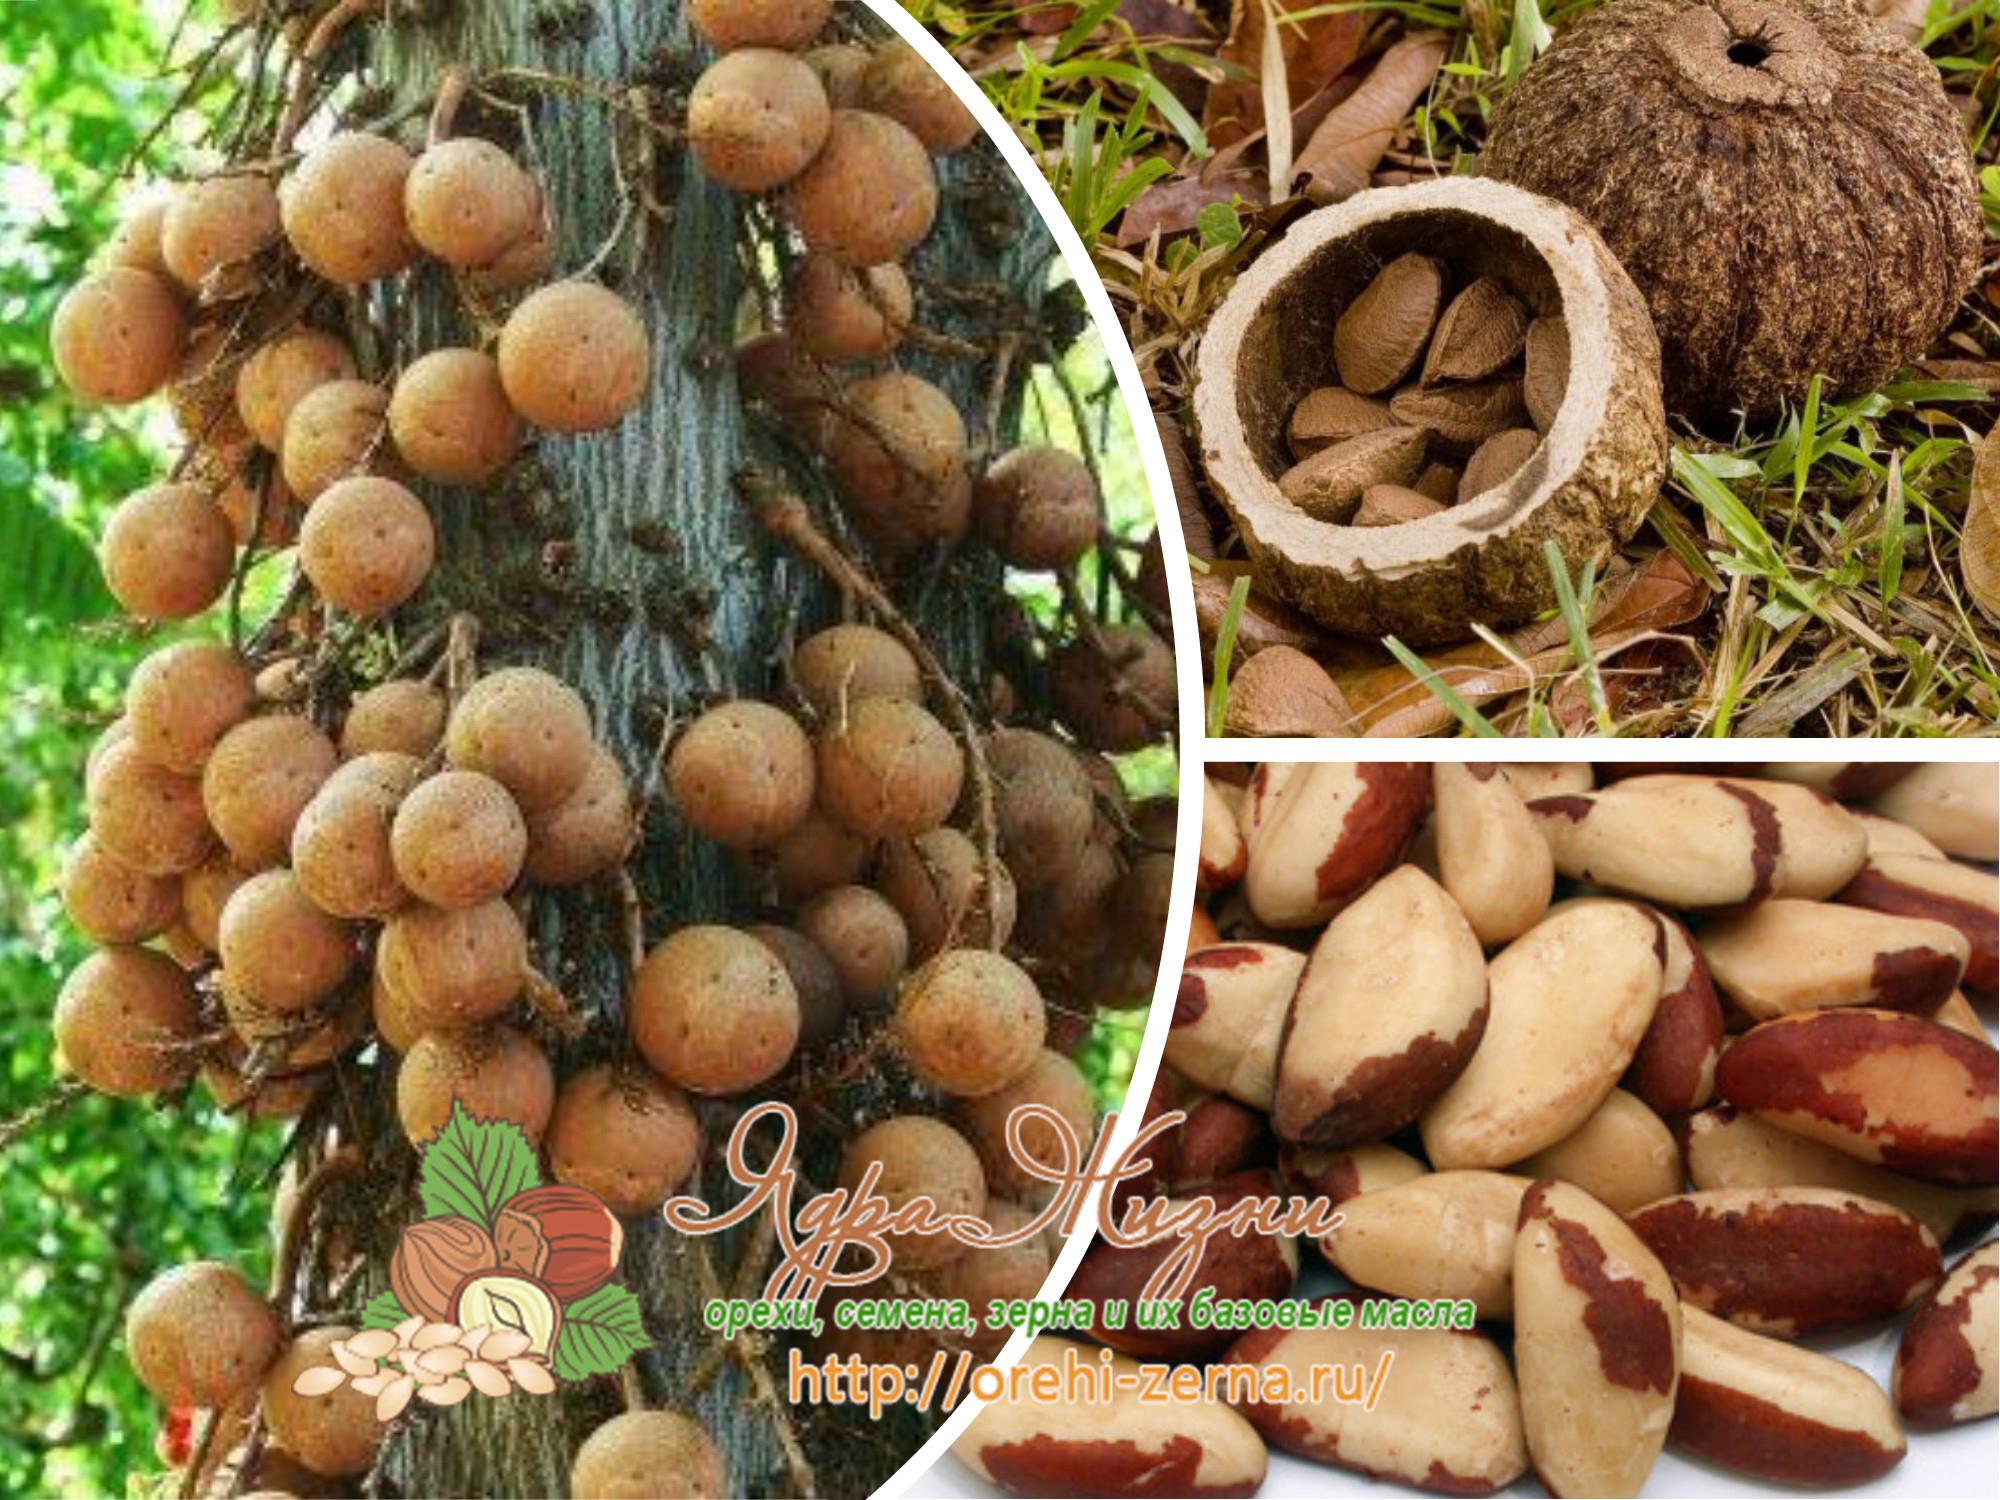 чем полезен бразильский орех для организма человека